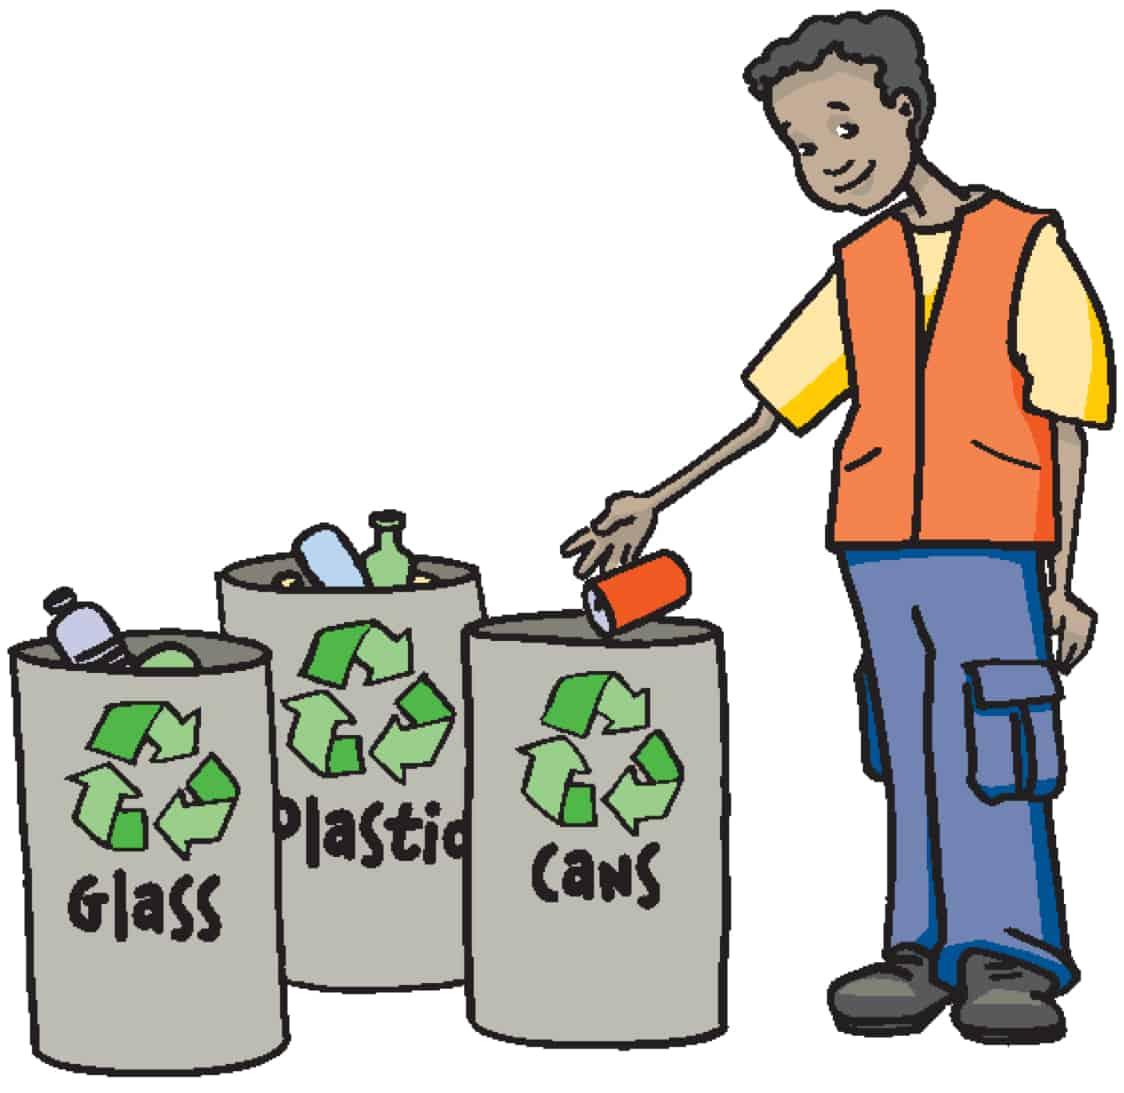 kiểm soát và xử lý chất thải giúp khách sạn thân thiện với môi trường